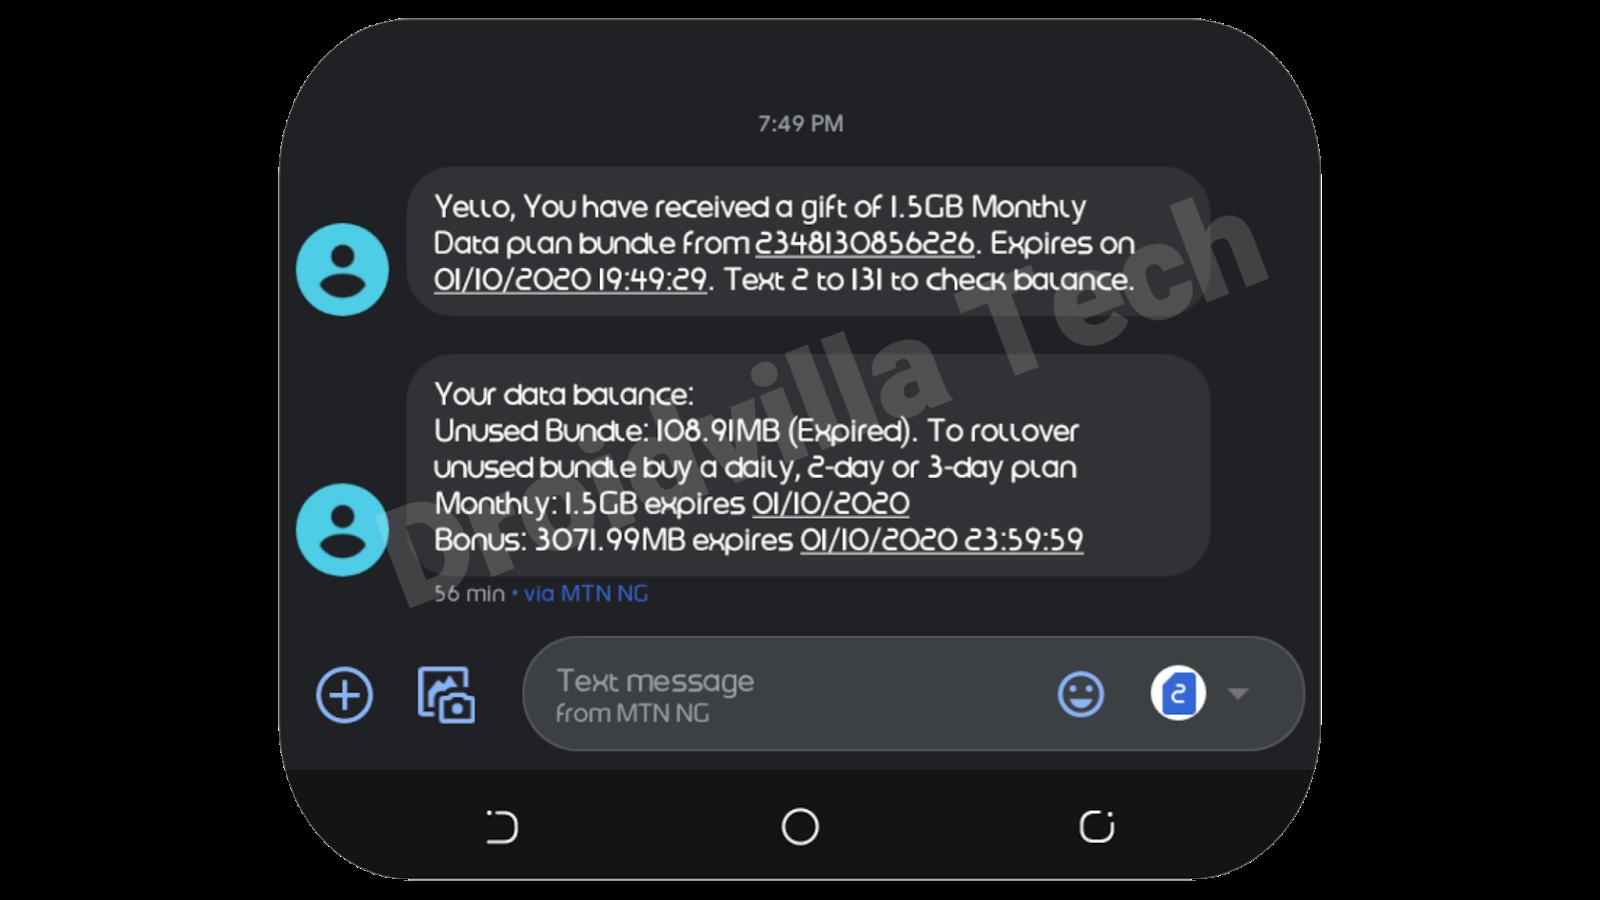 Mtn 4.5gb data for N1000